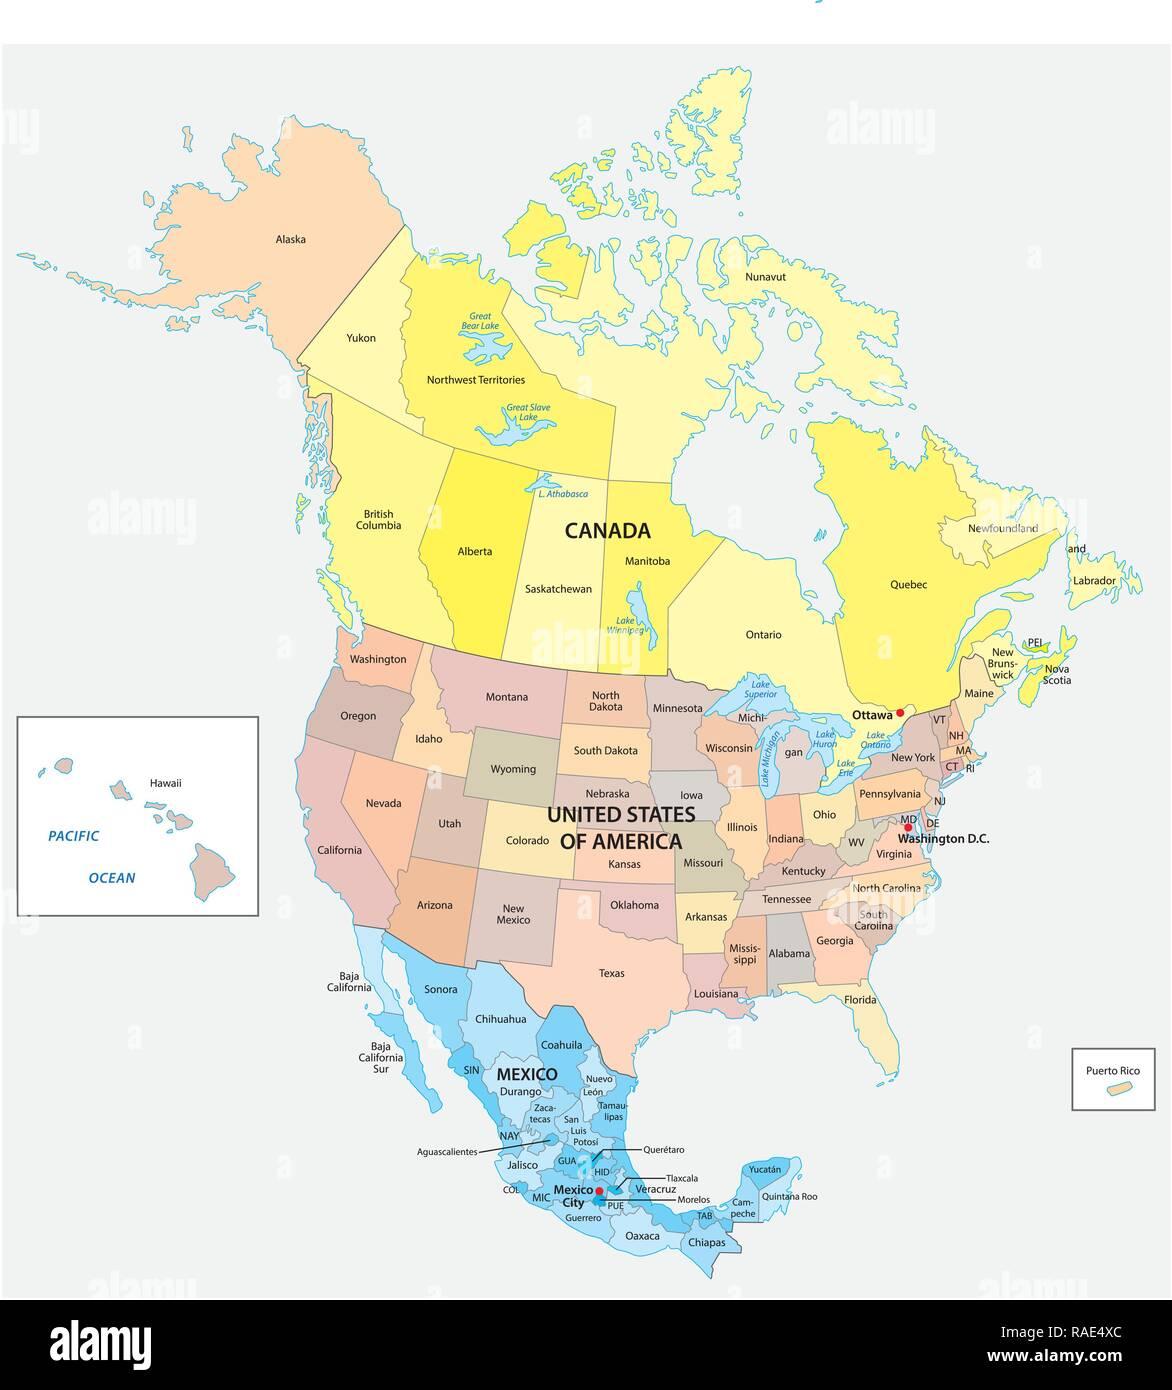 Carte Usa Canada Mexique.Usa Canada Mexico Photos Usa Canada Mexico Images Alamy